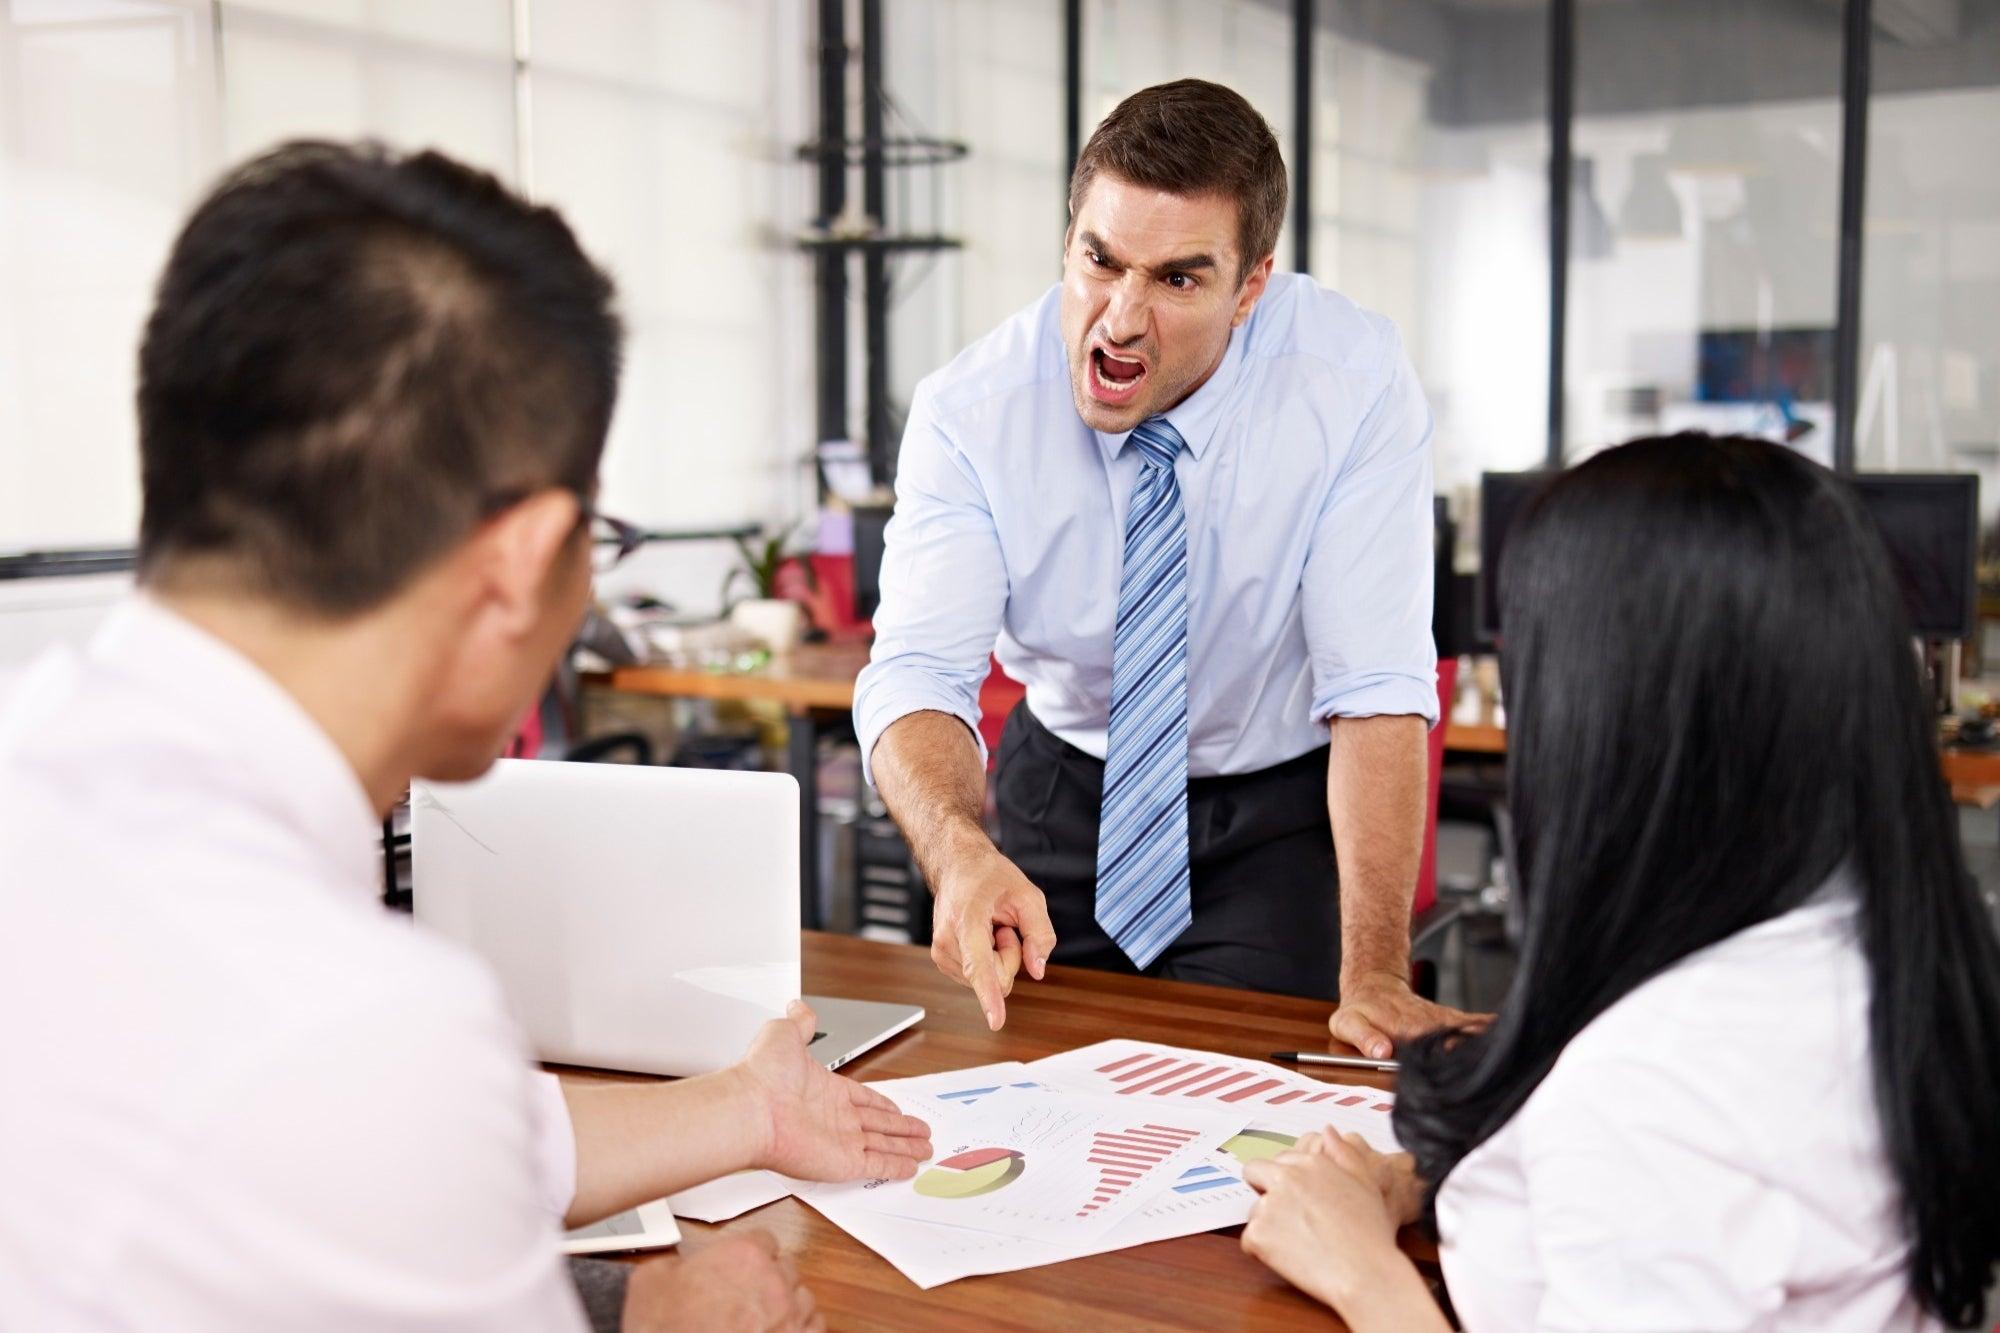 14 frases que no debes decir a tus empleados